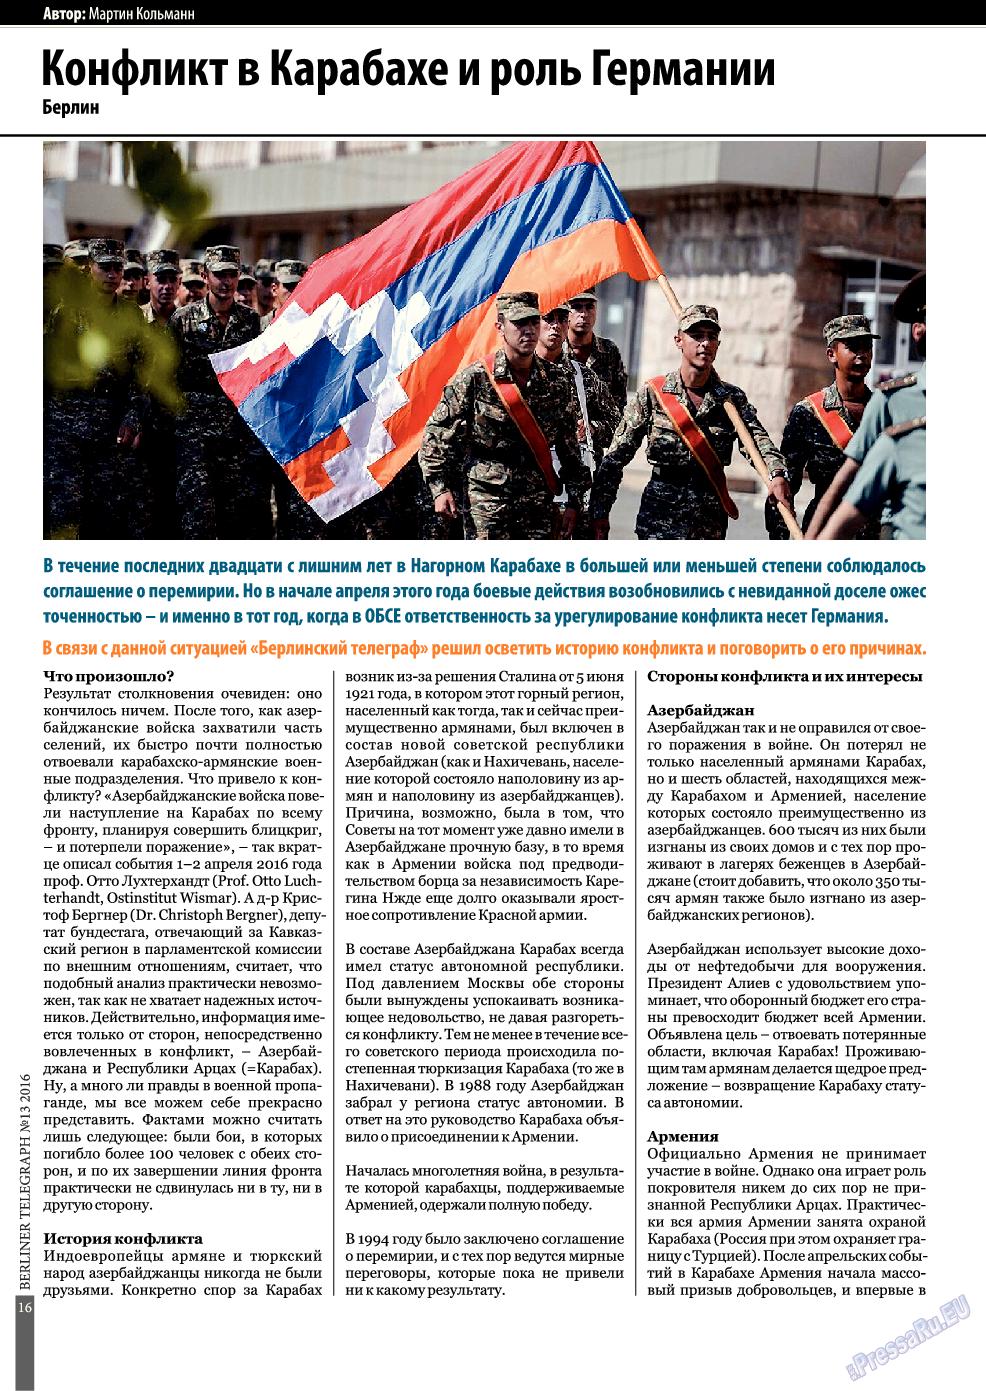 Берлинский телеграф (журнал). 2016 год, номер 13, стр. 16